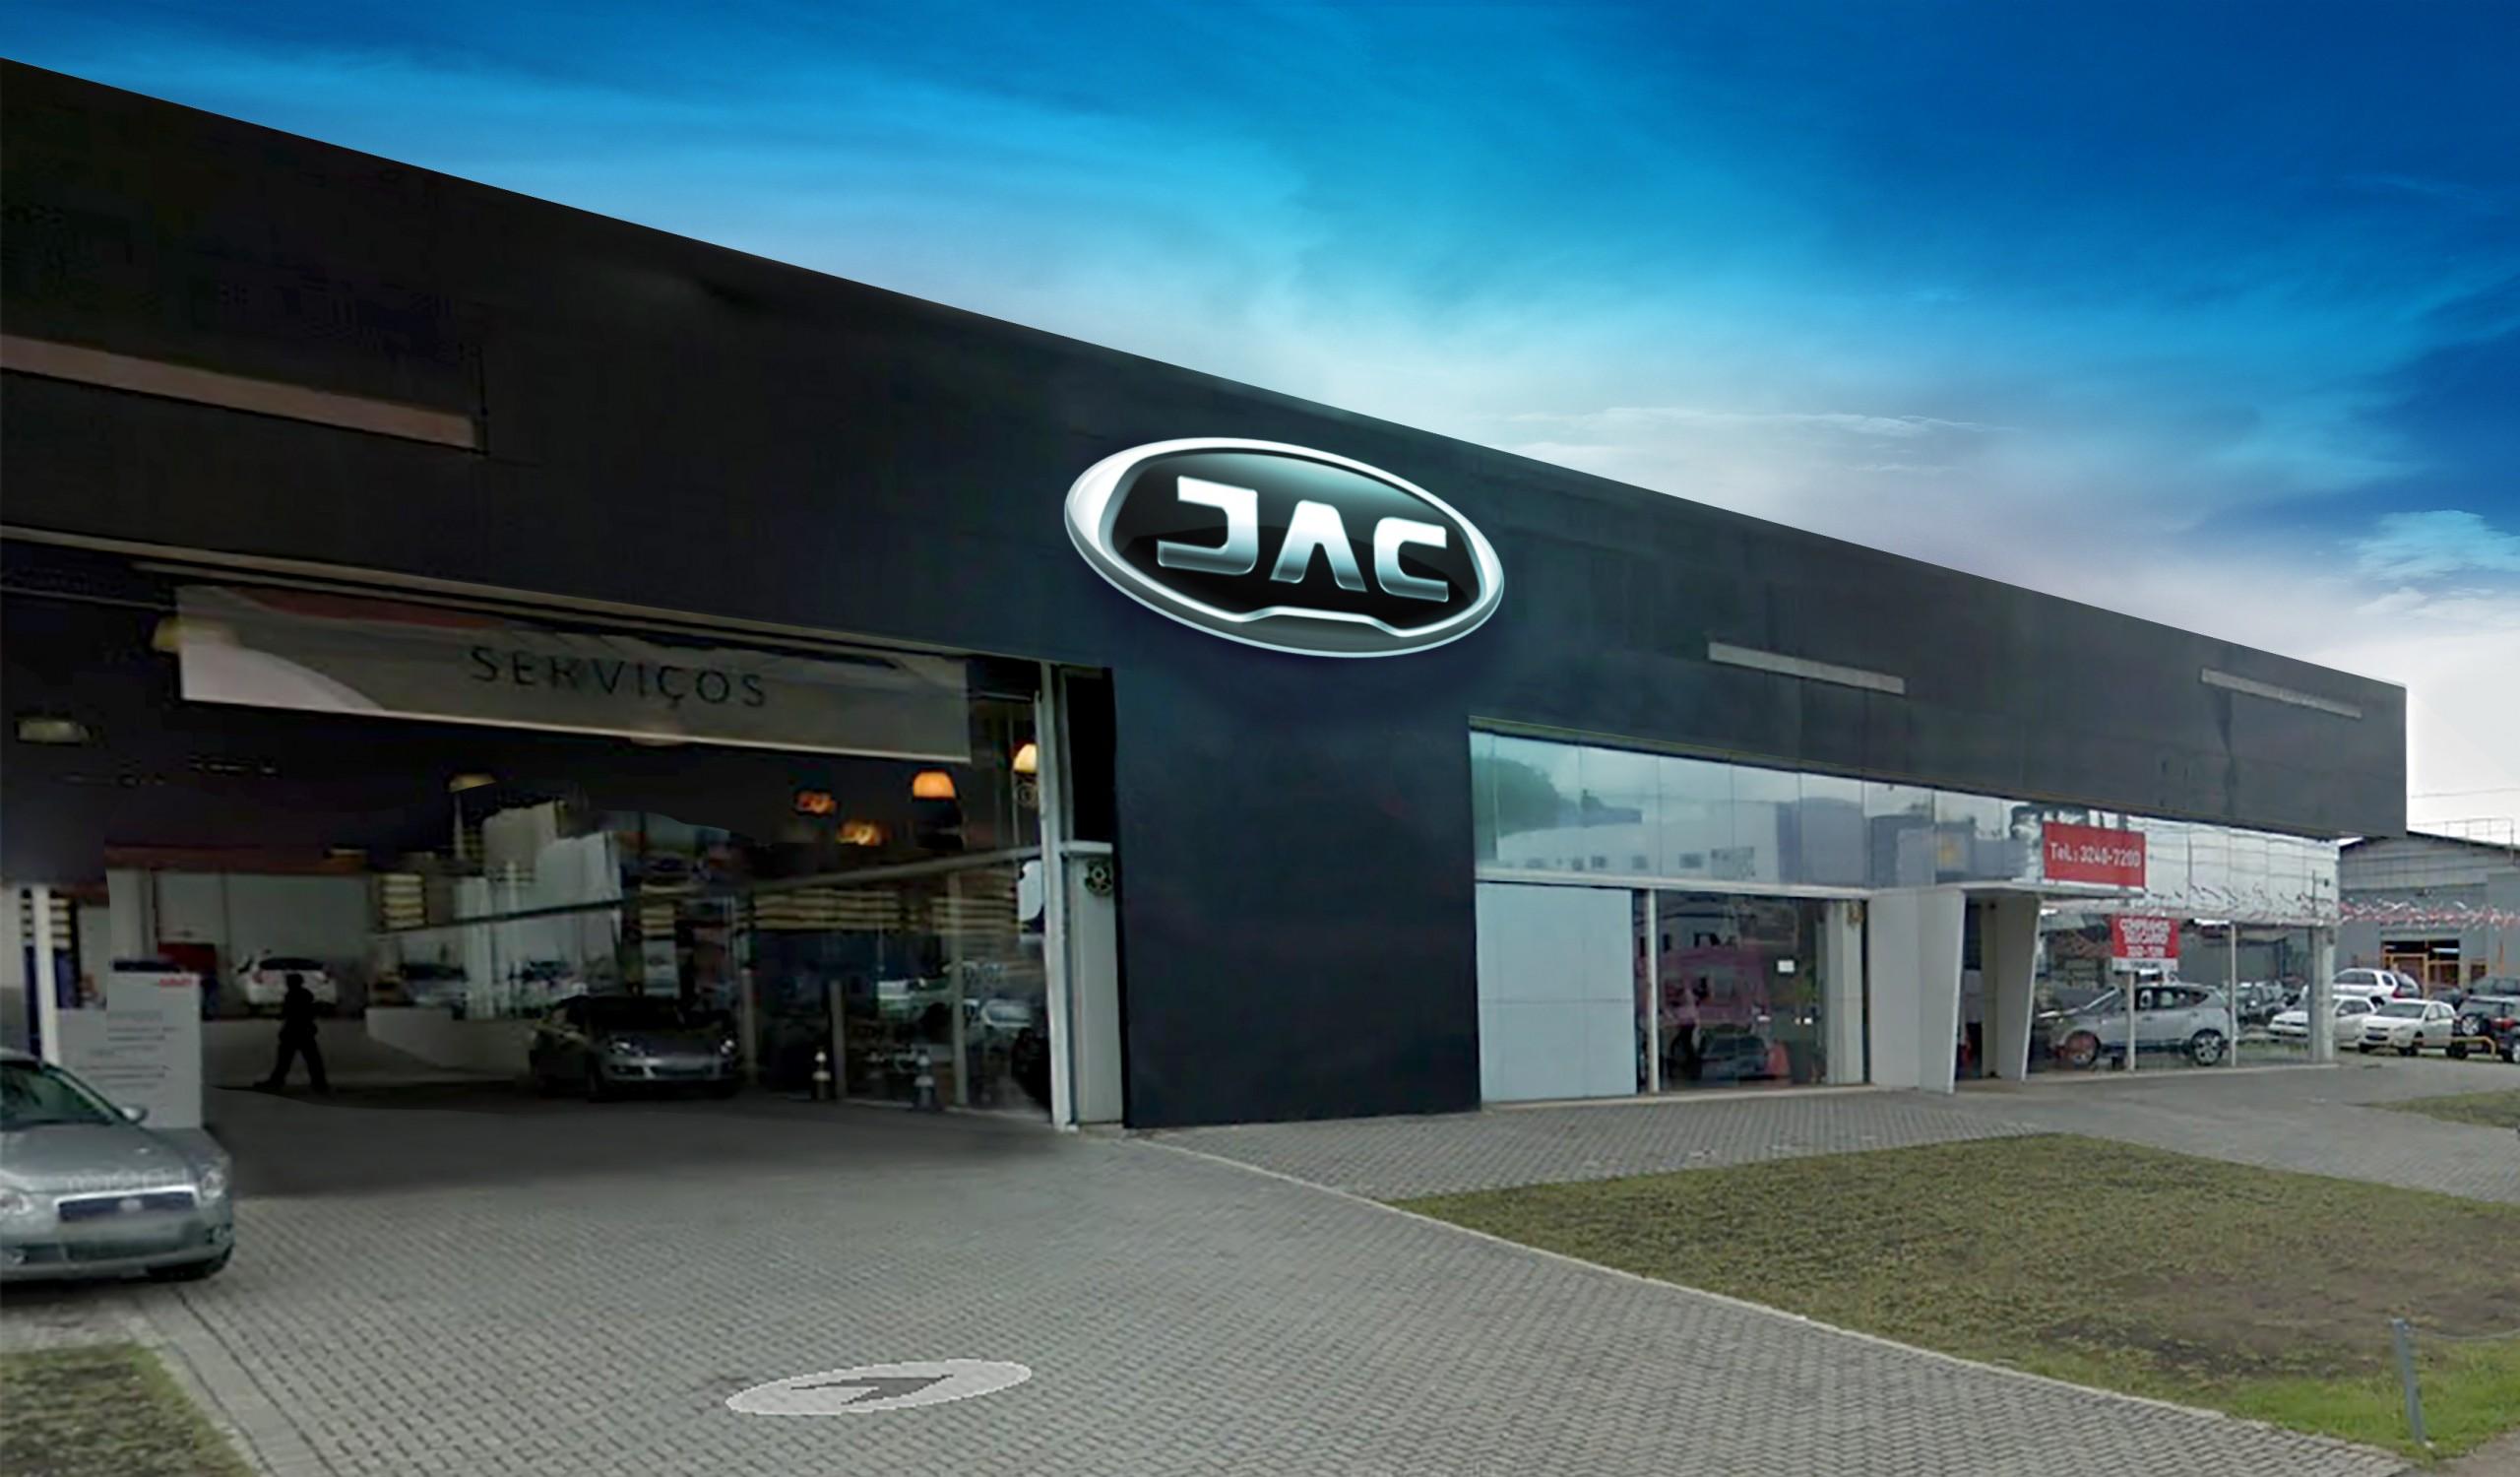 jac_fachada